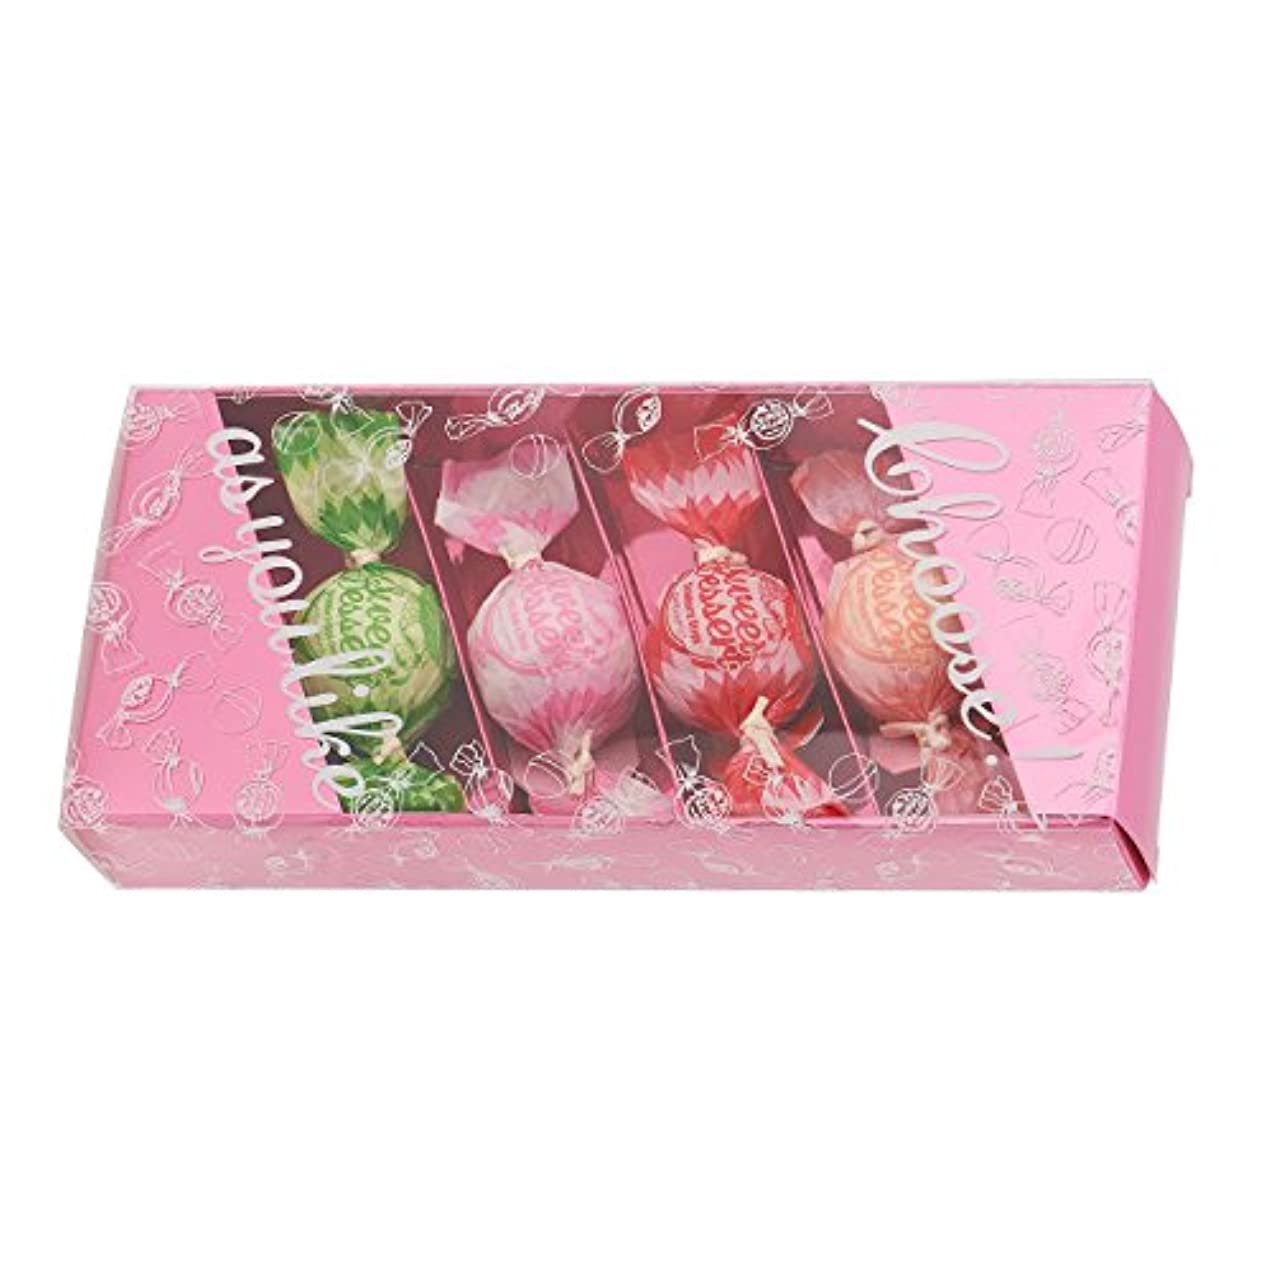 使役野菜王族アマイワナ バスキャンディー4粒ギフトセット(35g×4個) ピンク(発泡タイプ入浴料 バスギフト)